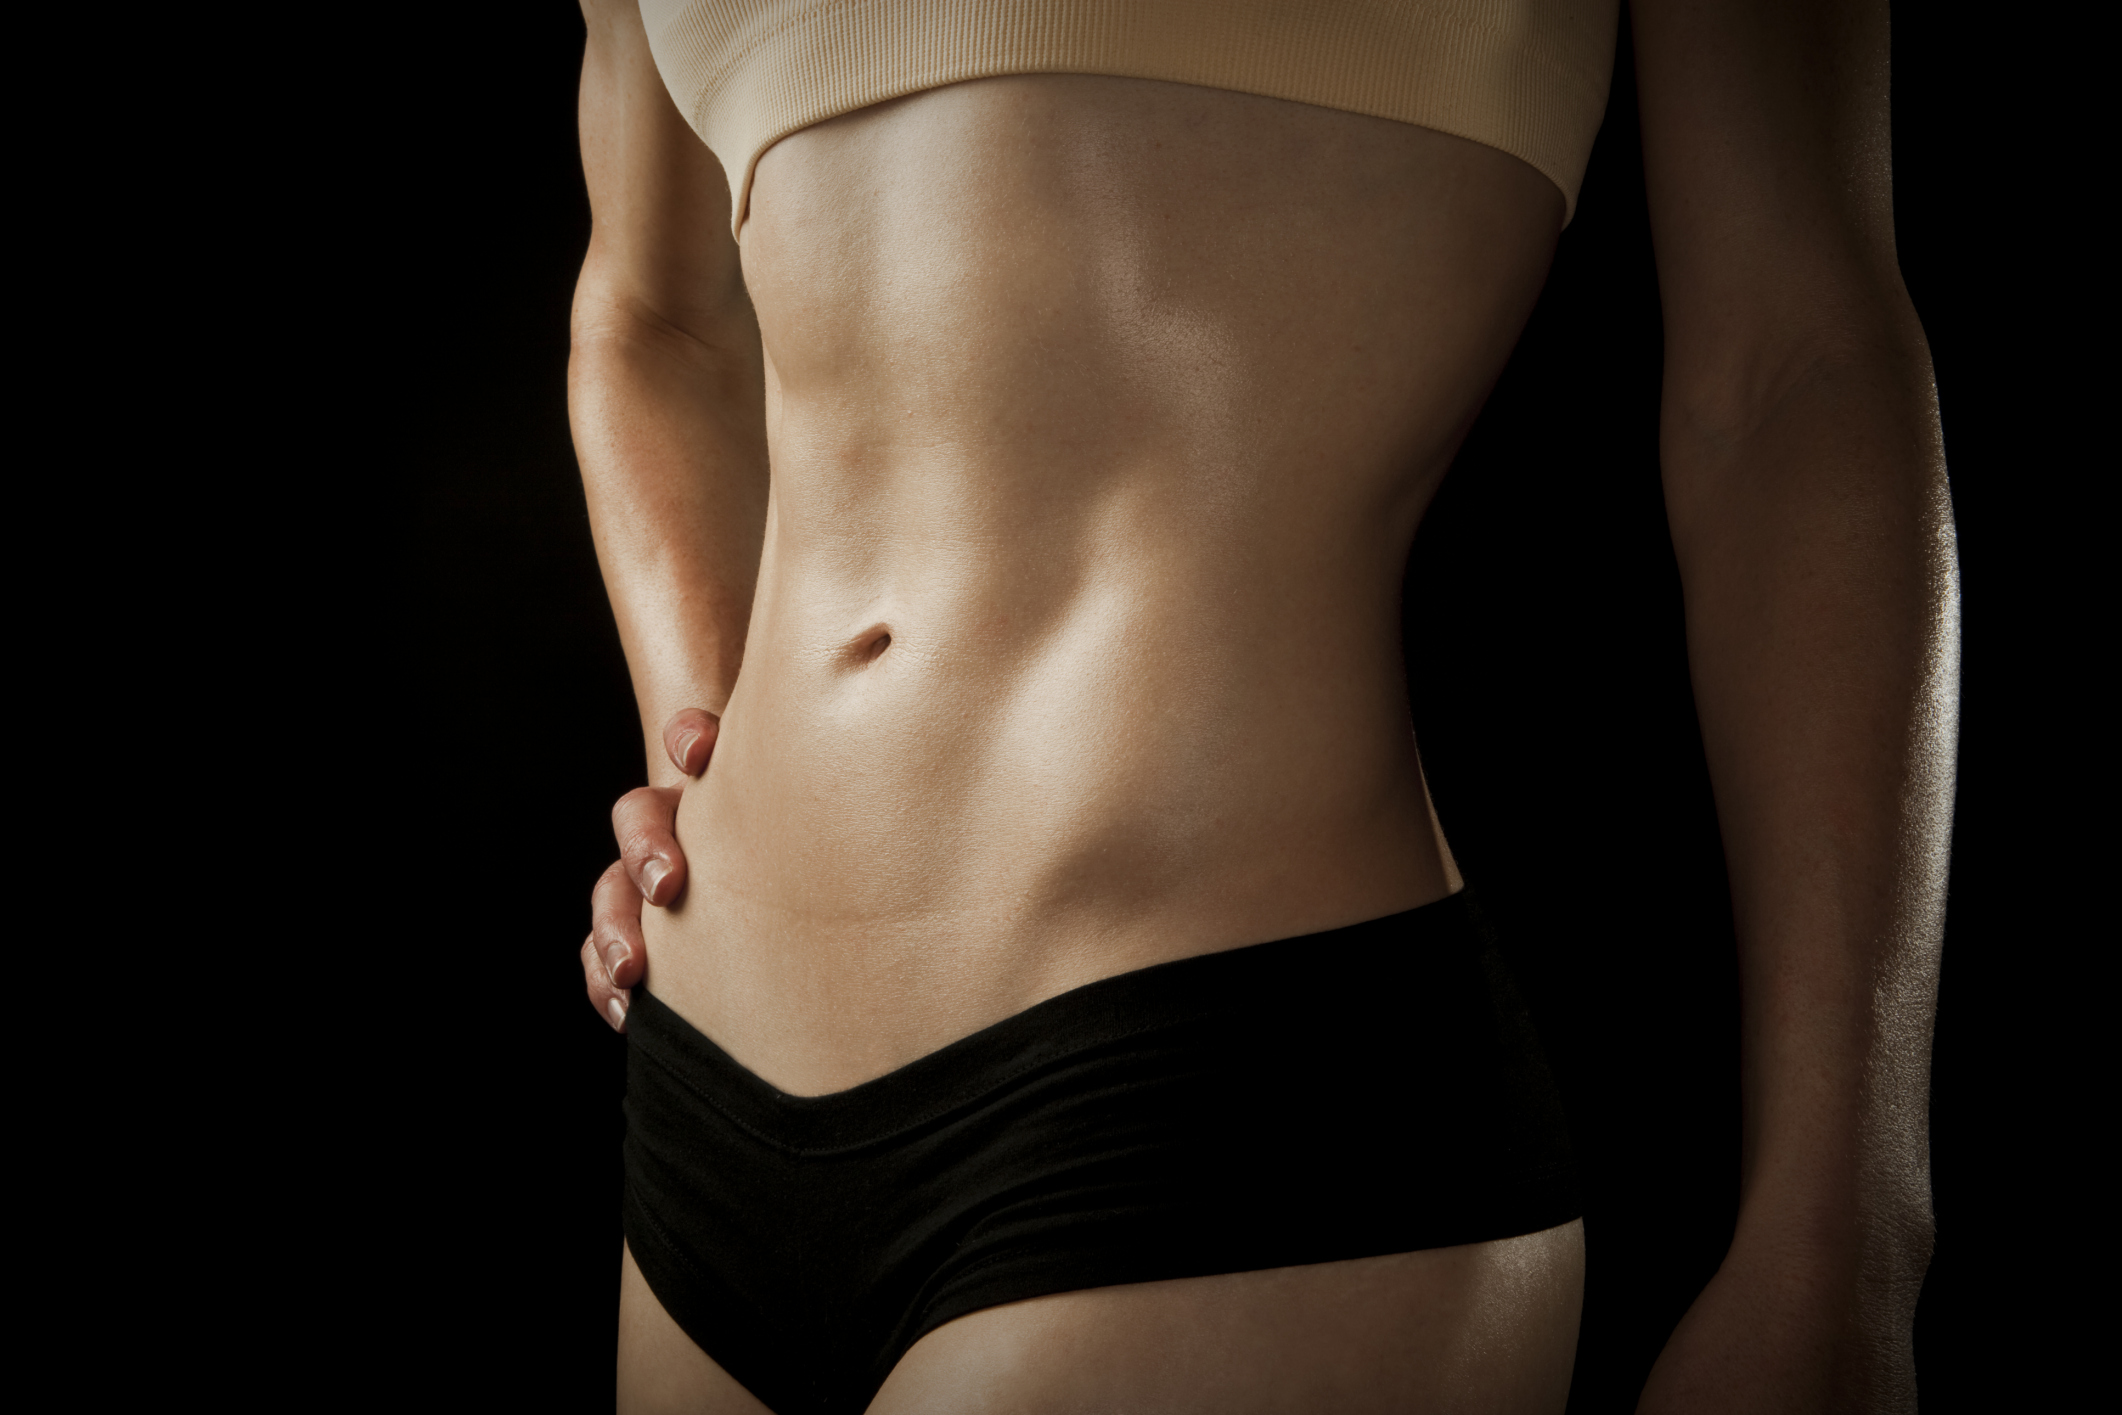 dieta para abdominales marcados mujeres